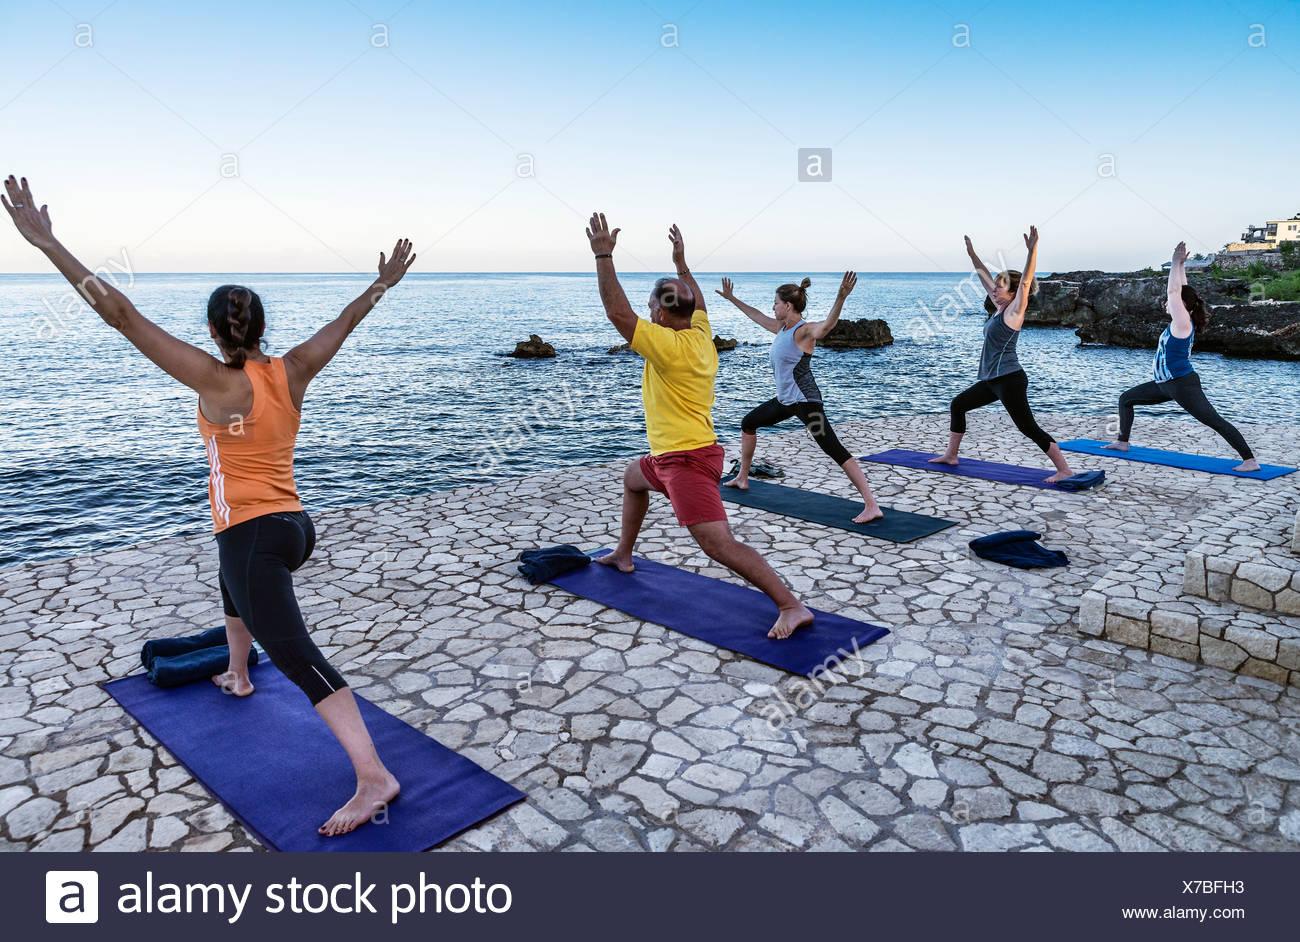 Waterfront instrucción en un retiro de yoga Negril, Jamaica Foto de stock